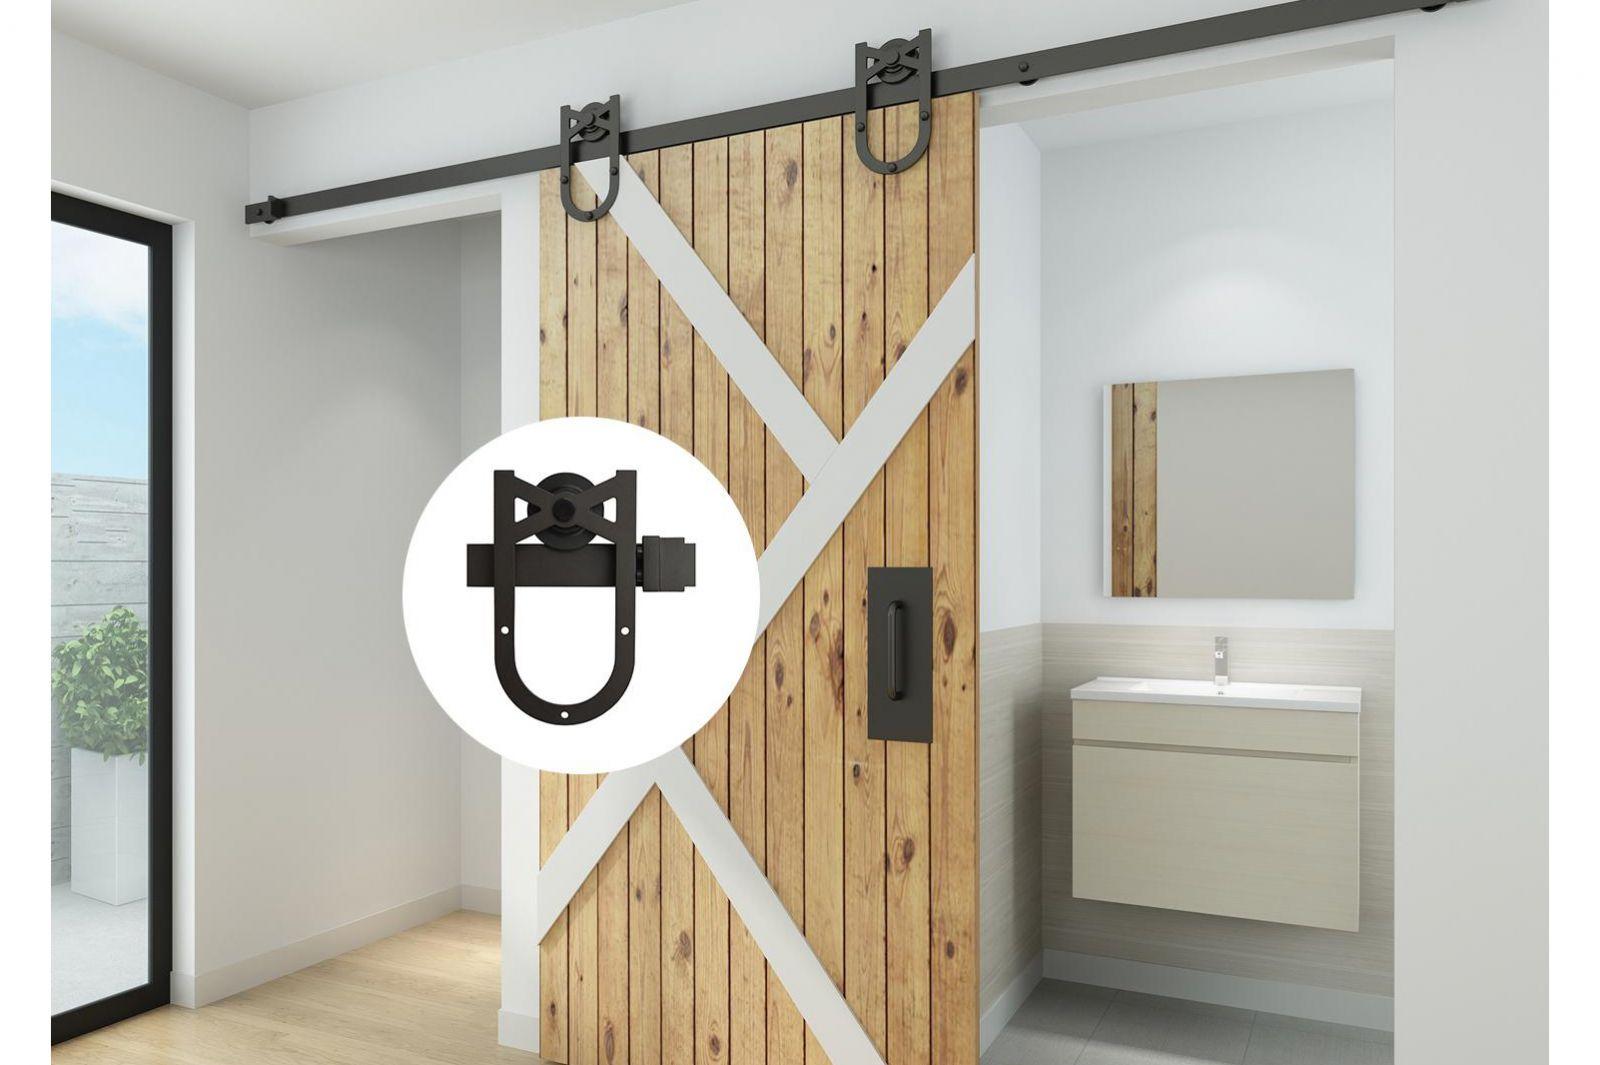 Mẫu cửa lùa gỗ tự nhiên cho phòng tắm